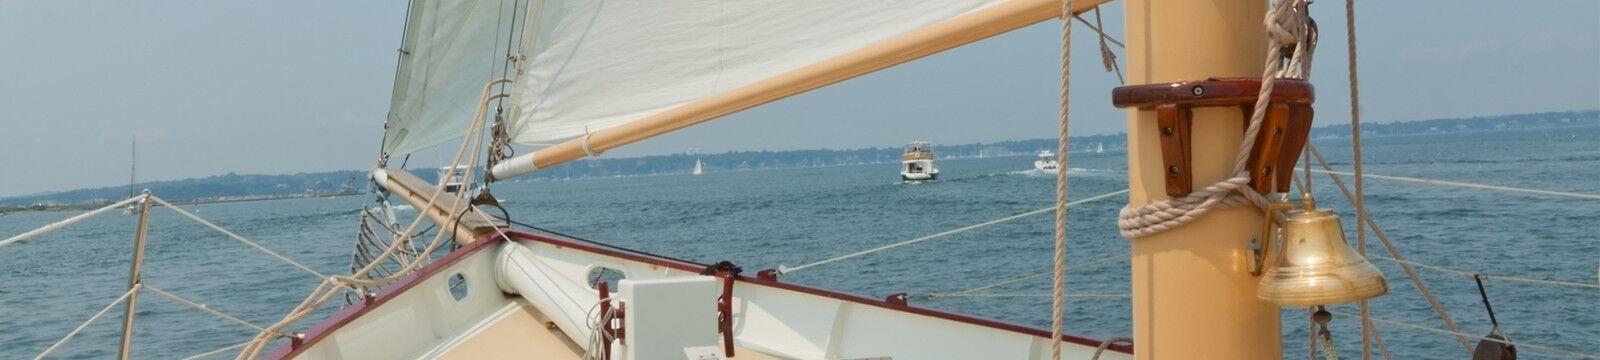 yachtglanz.de